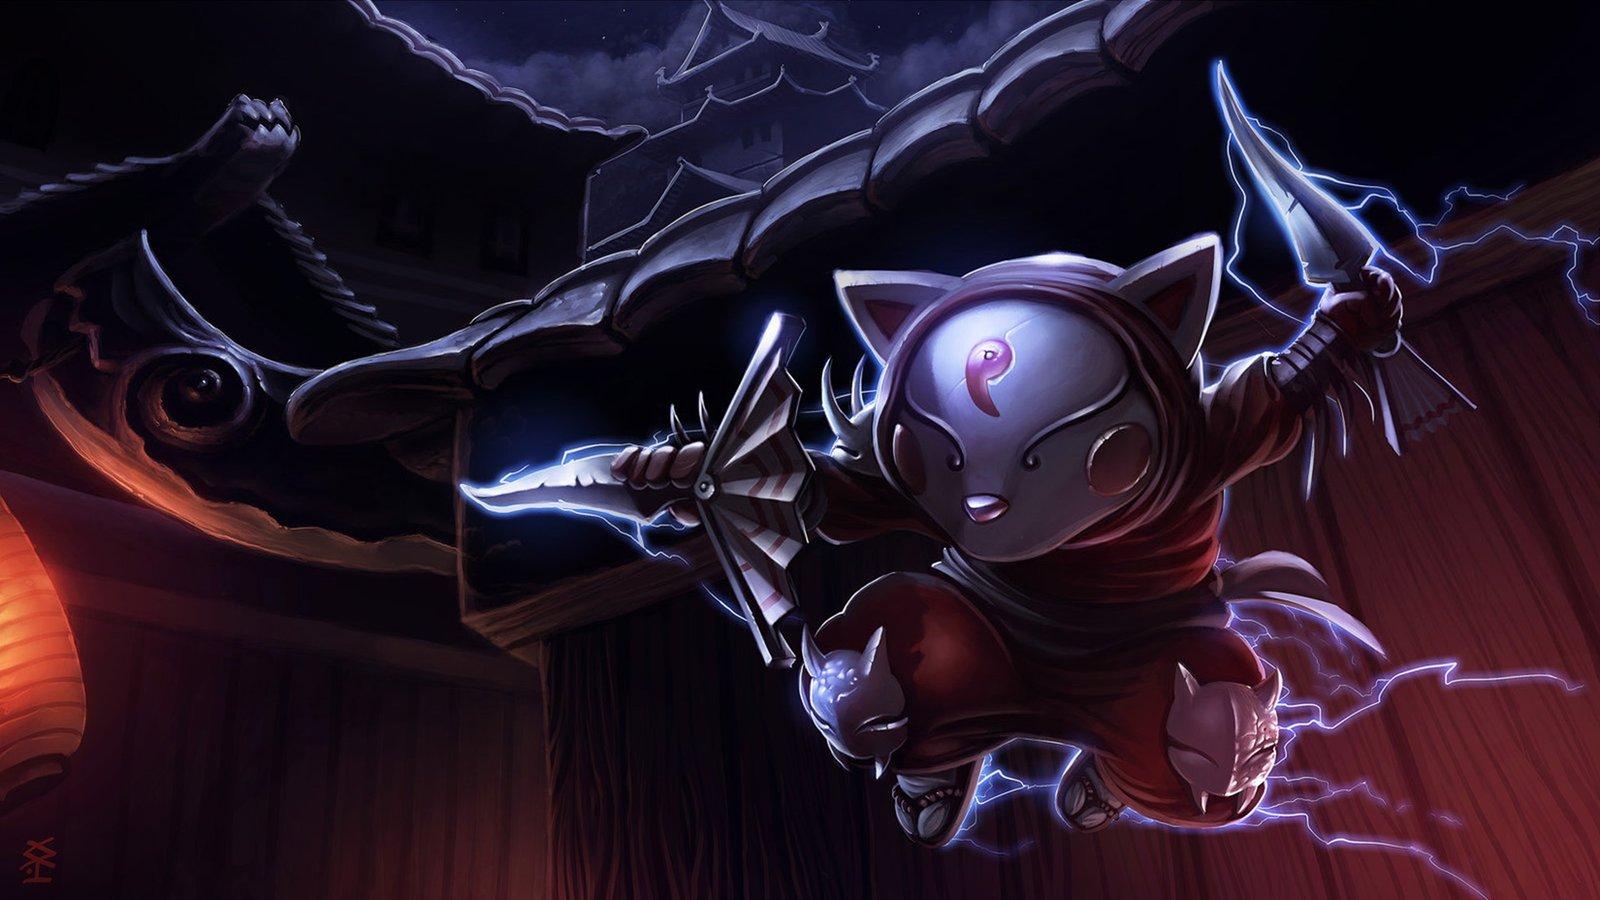 Blood Moon Kennen League Of Legends Wallpaper HD 1920x1080